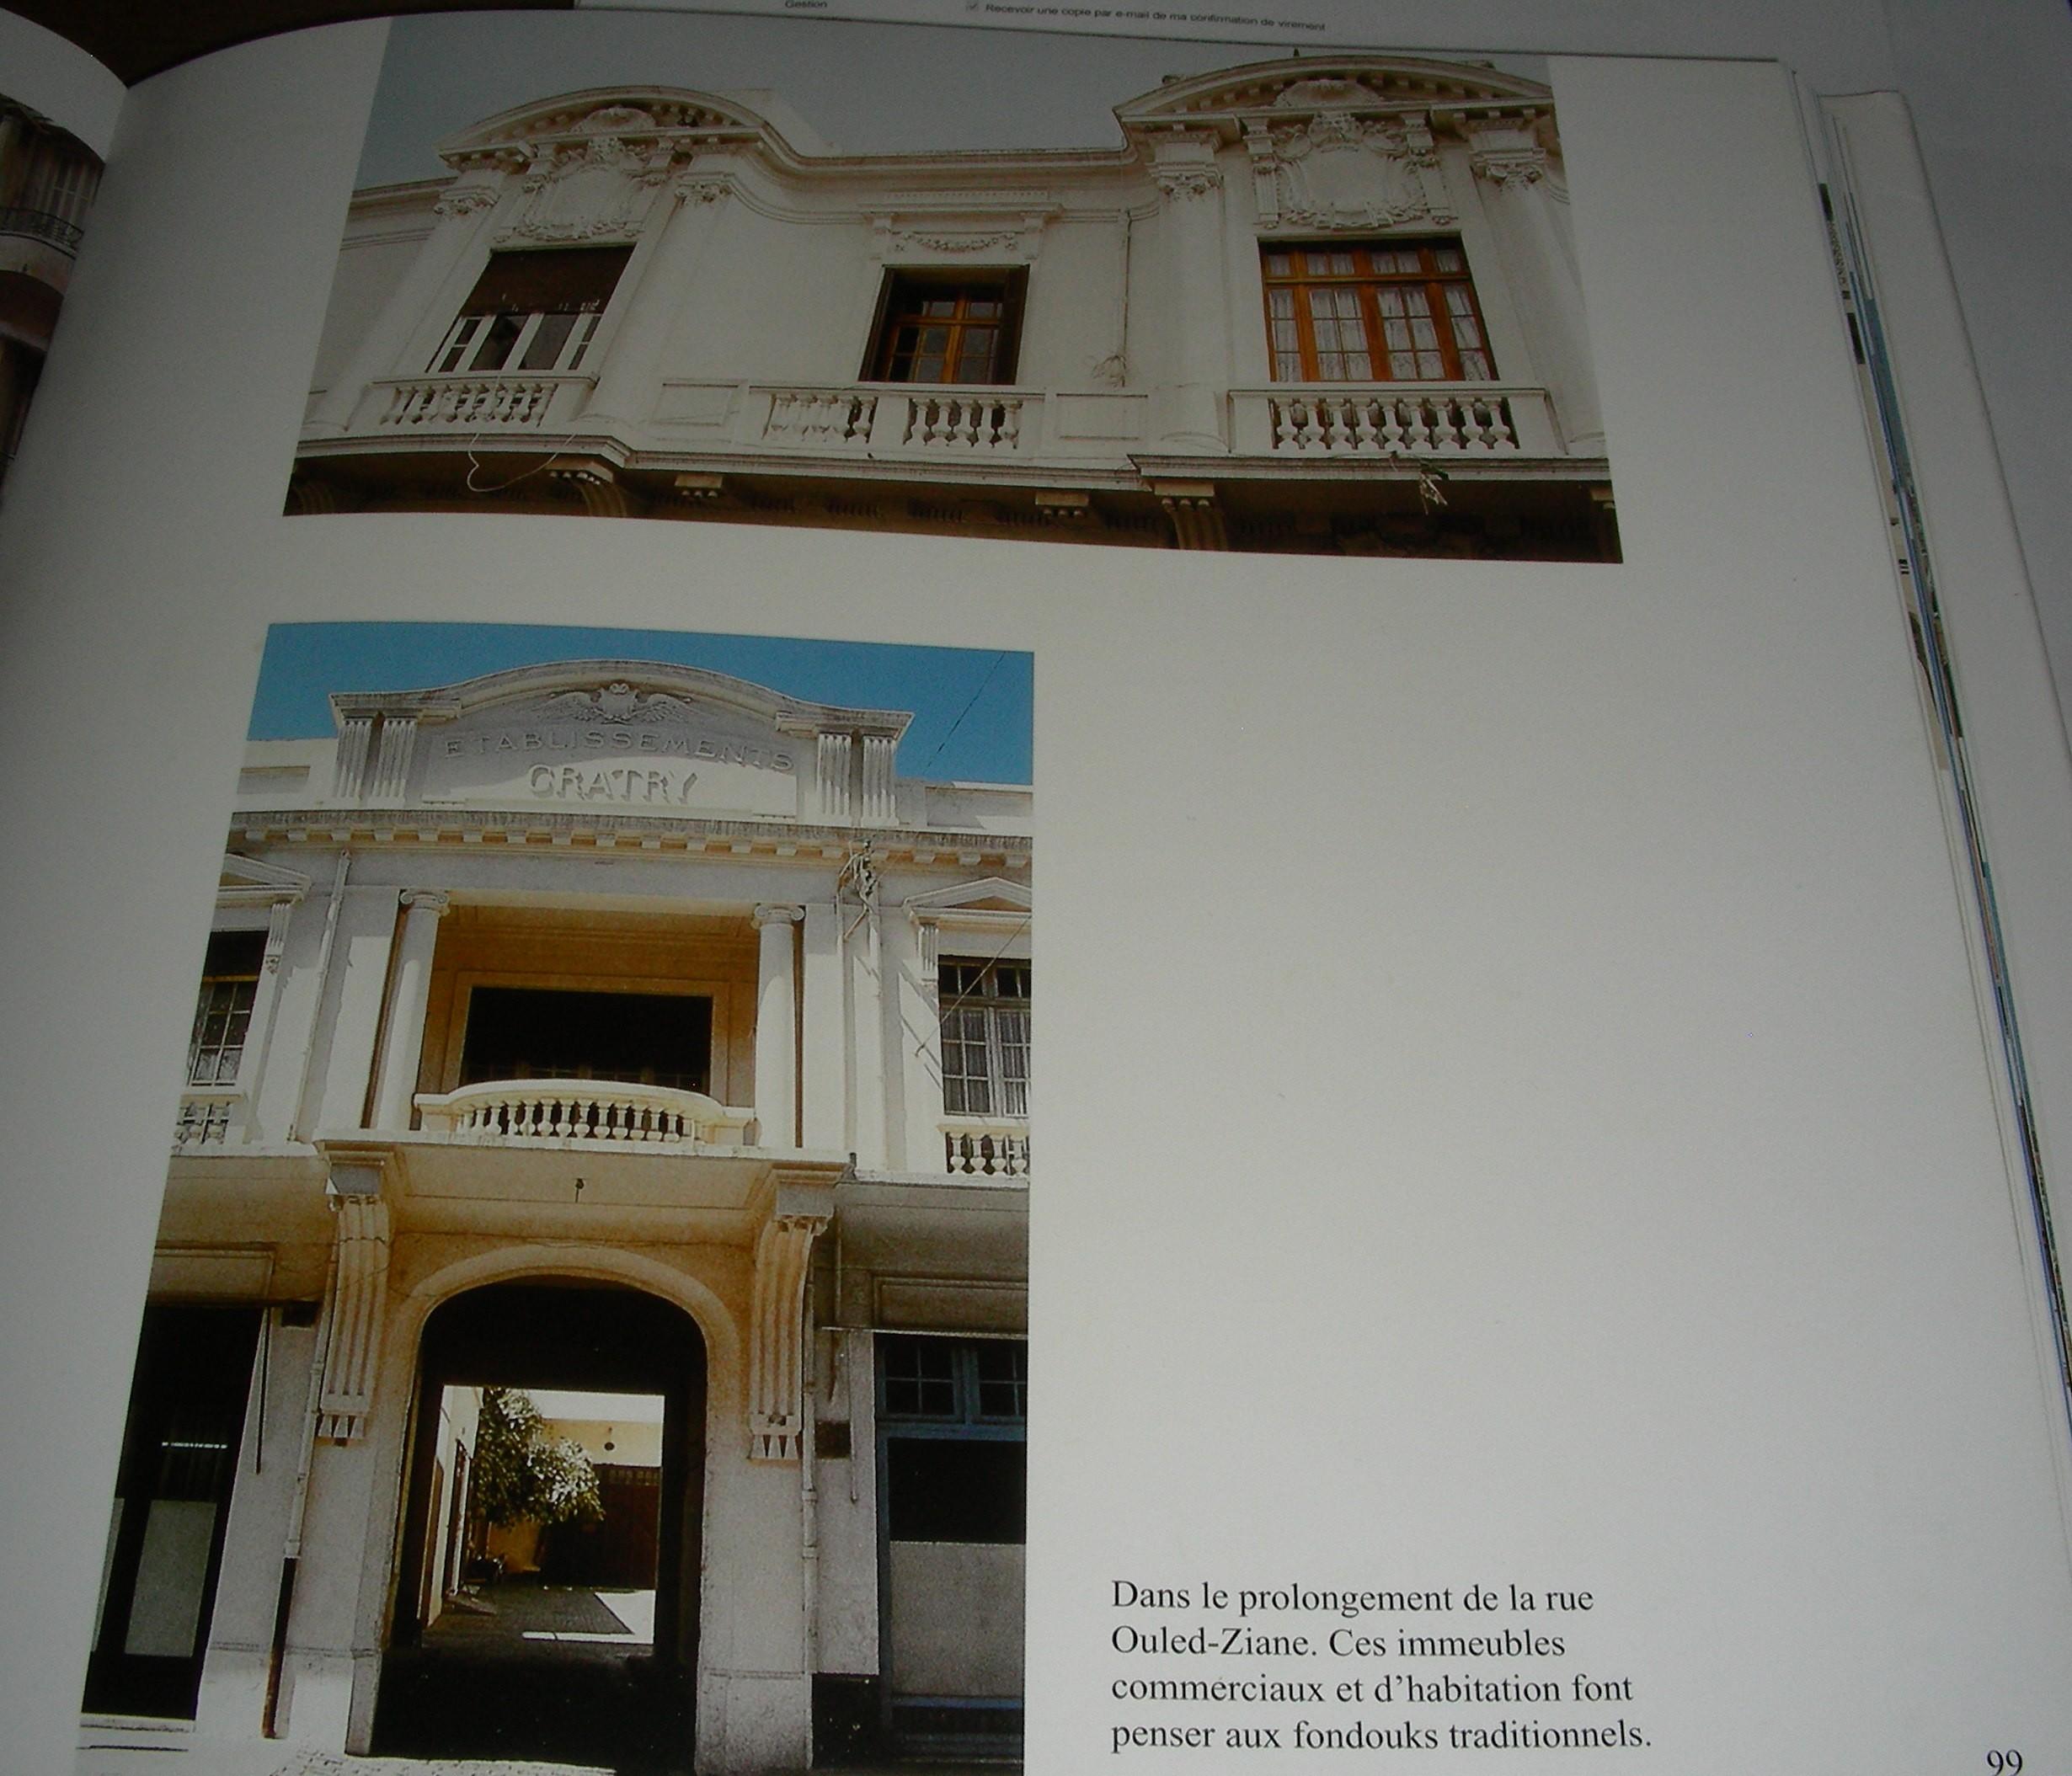 henri prost architecte papyrandonneur 39 s blog pyrenees alpes atlas casa maroc choses de la vie. Black Bedroom Furniture Sets. Home Design Ideas